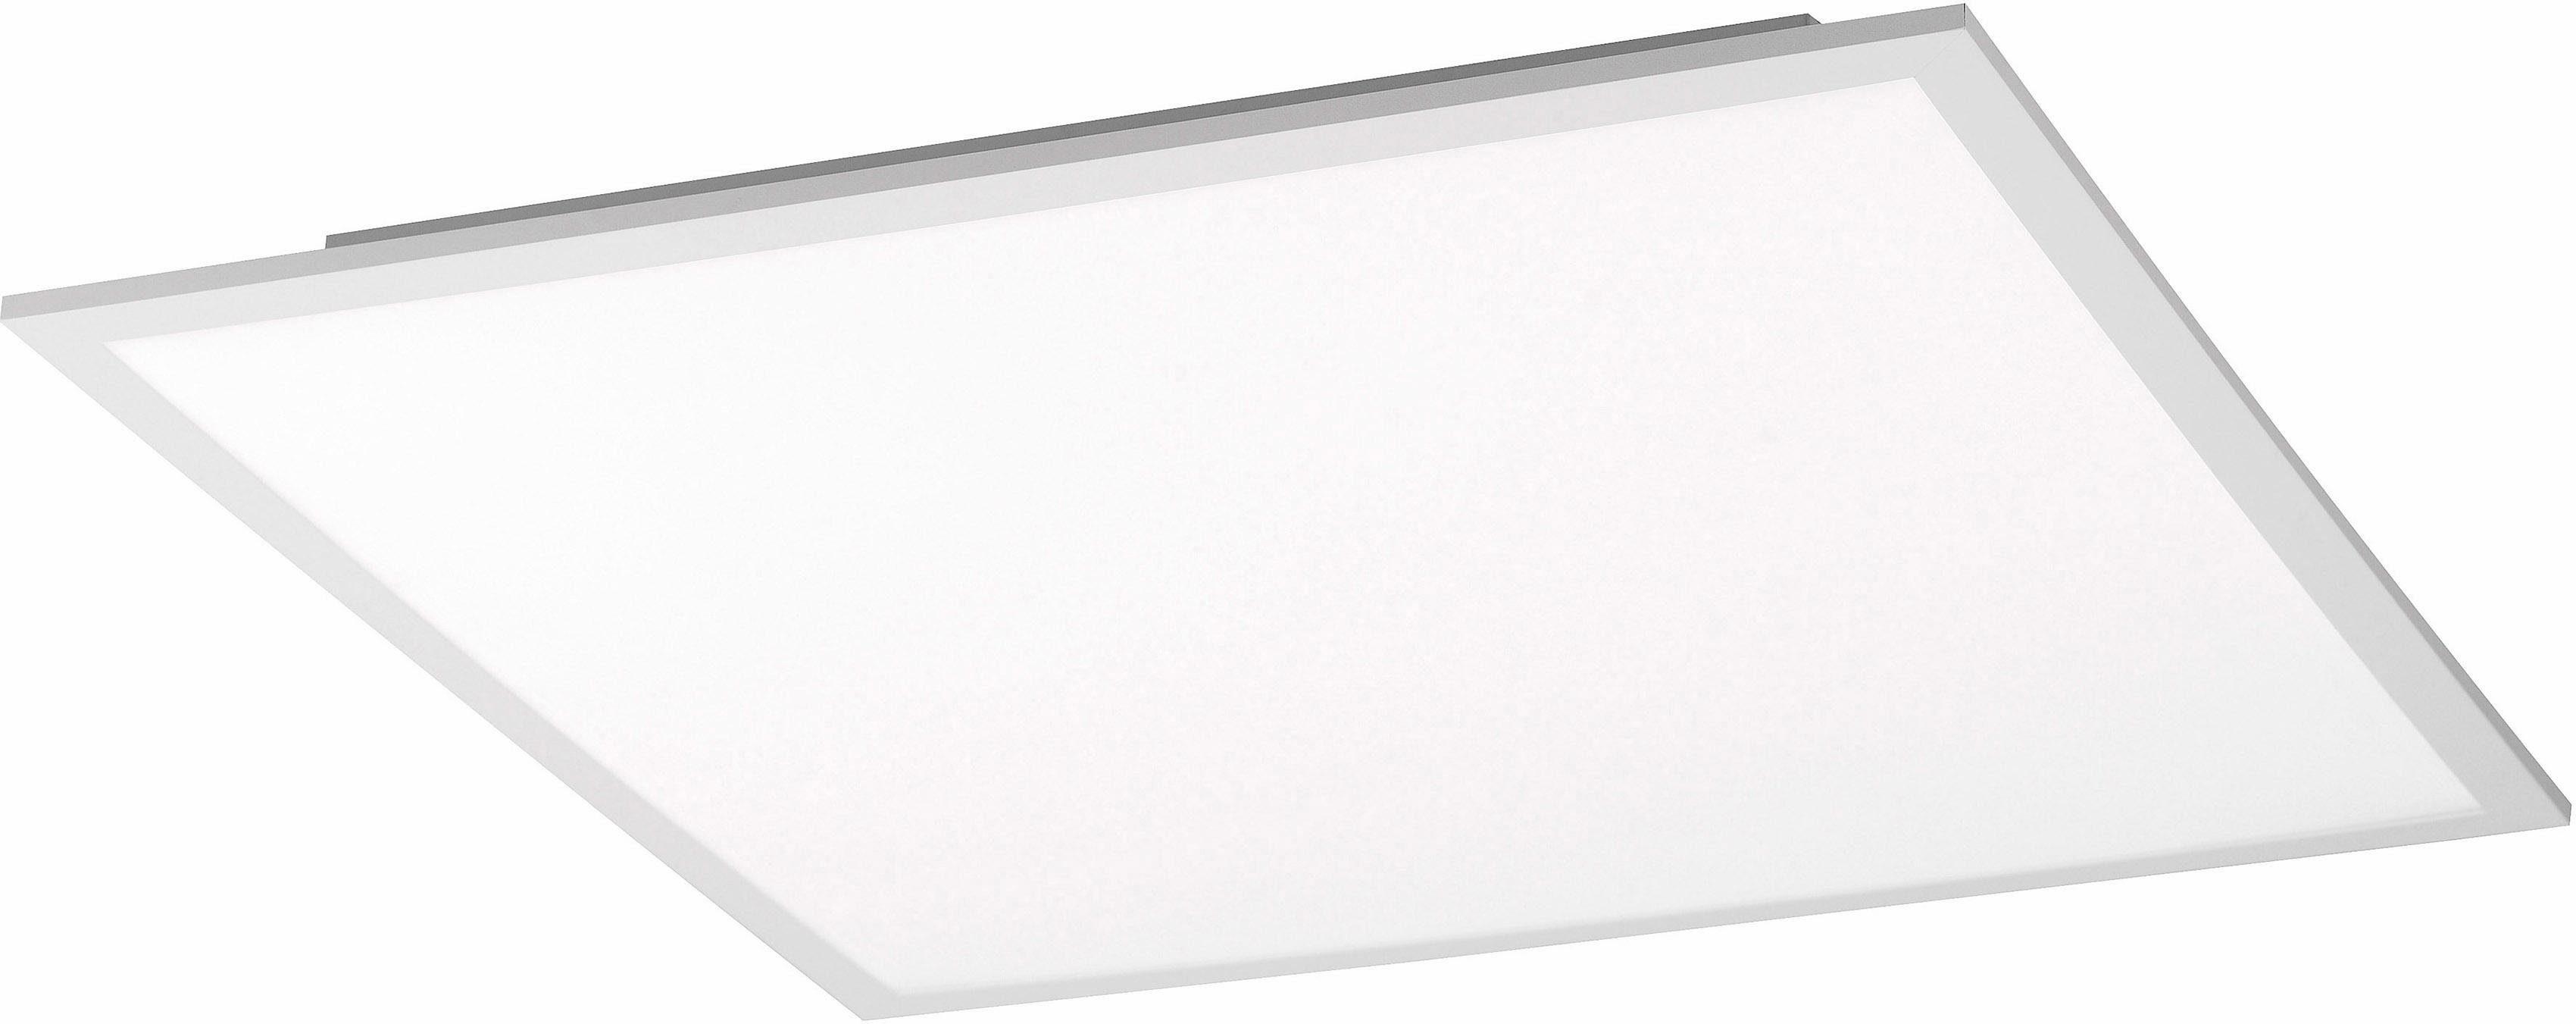 Leuchten Direkt LED Deckenleuchte, RGBW, 30 x 30 cm, »FLAT«